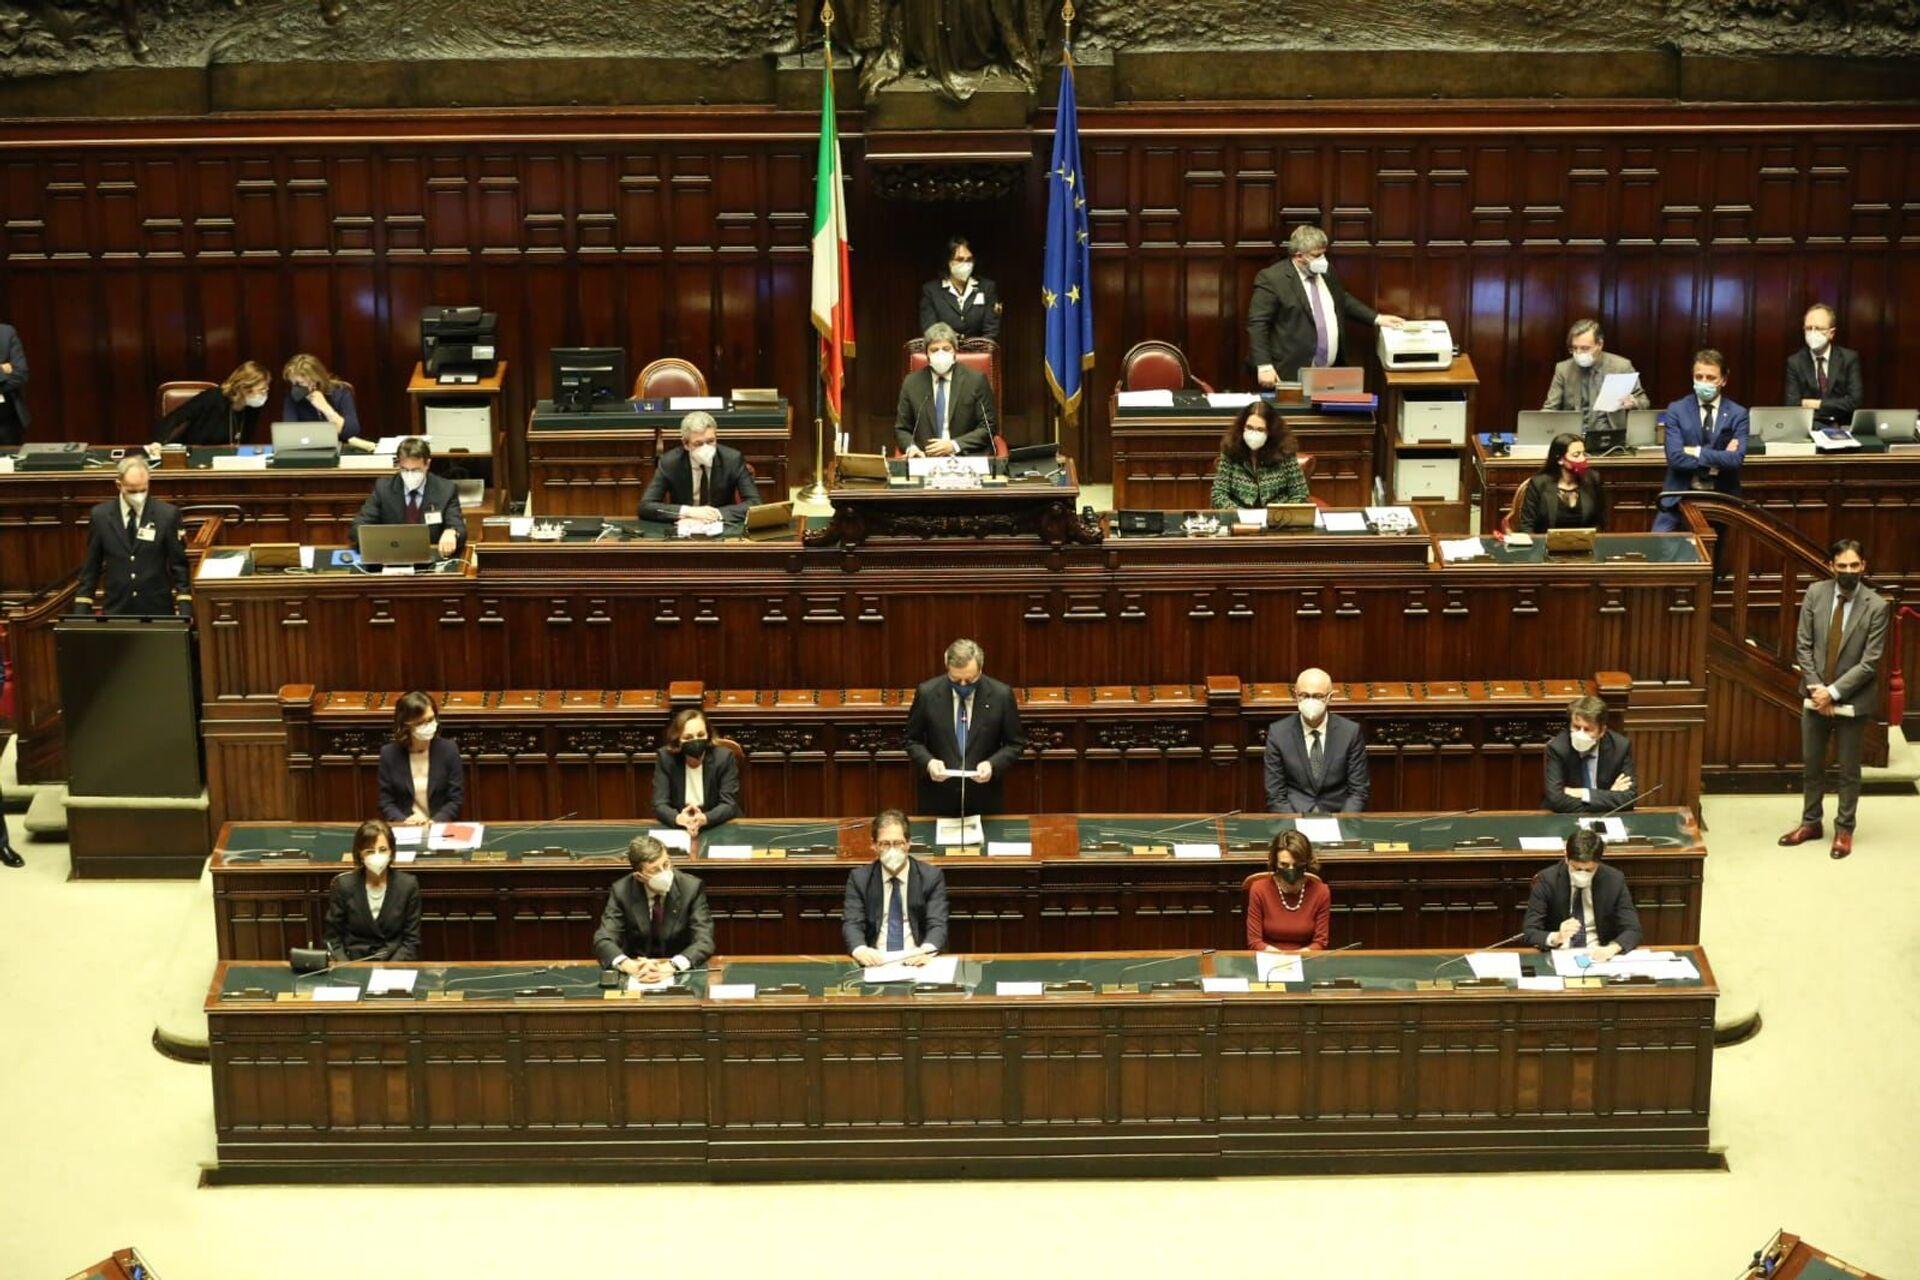 Mario Draghi alla Corte dei Conti: Istituzioni siano coprotagoniste di un percorso di rinascita - Sputnik Italia, 1920, 19.02.2021